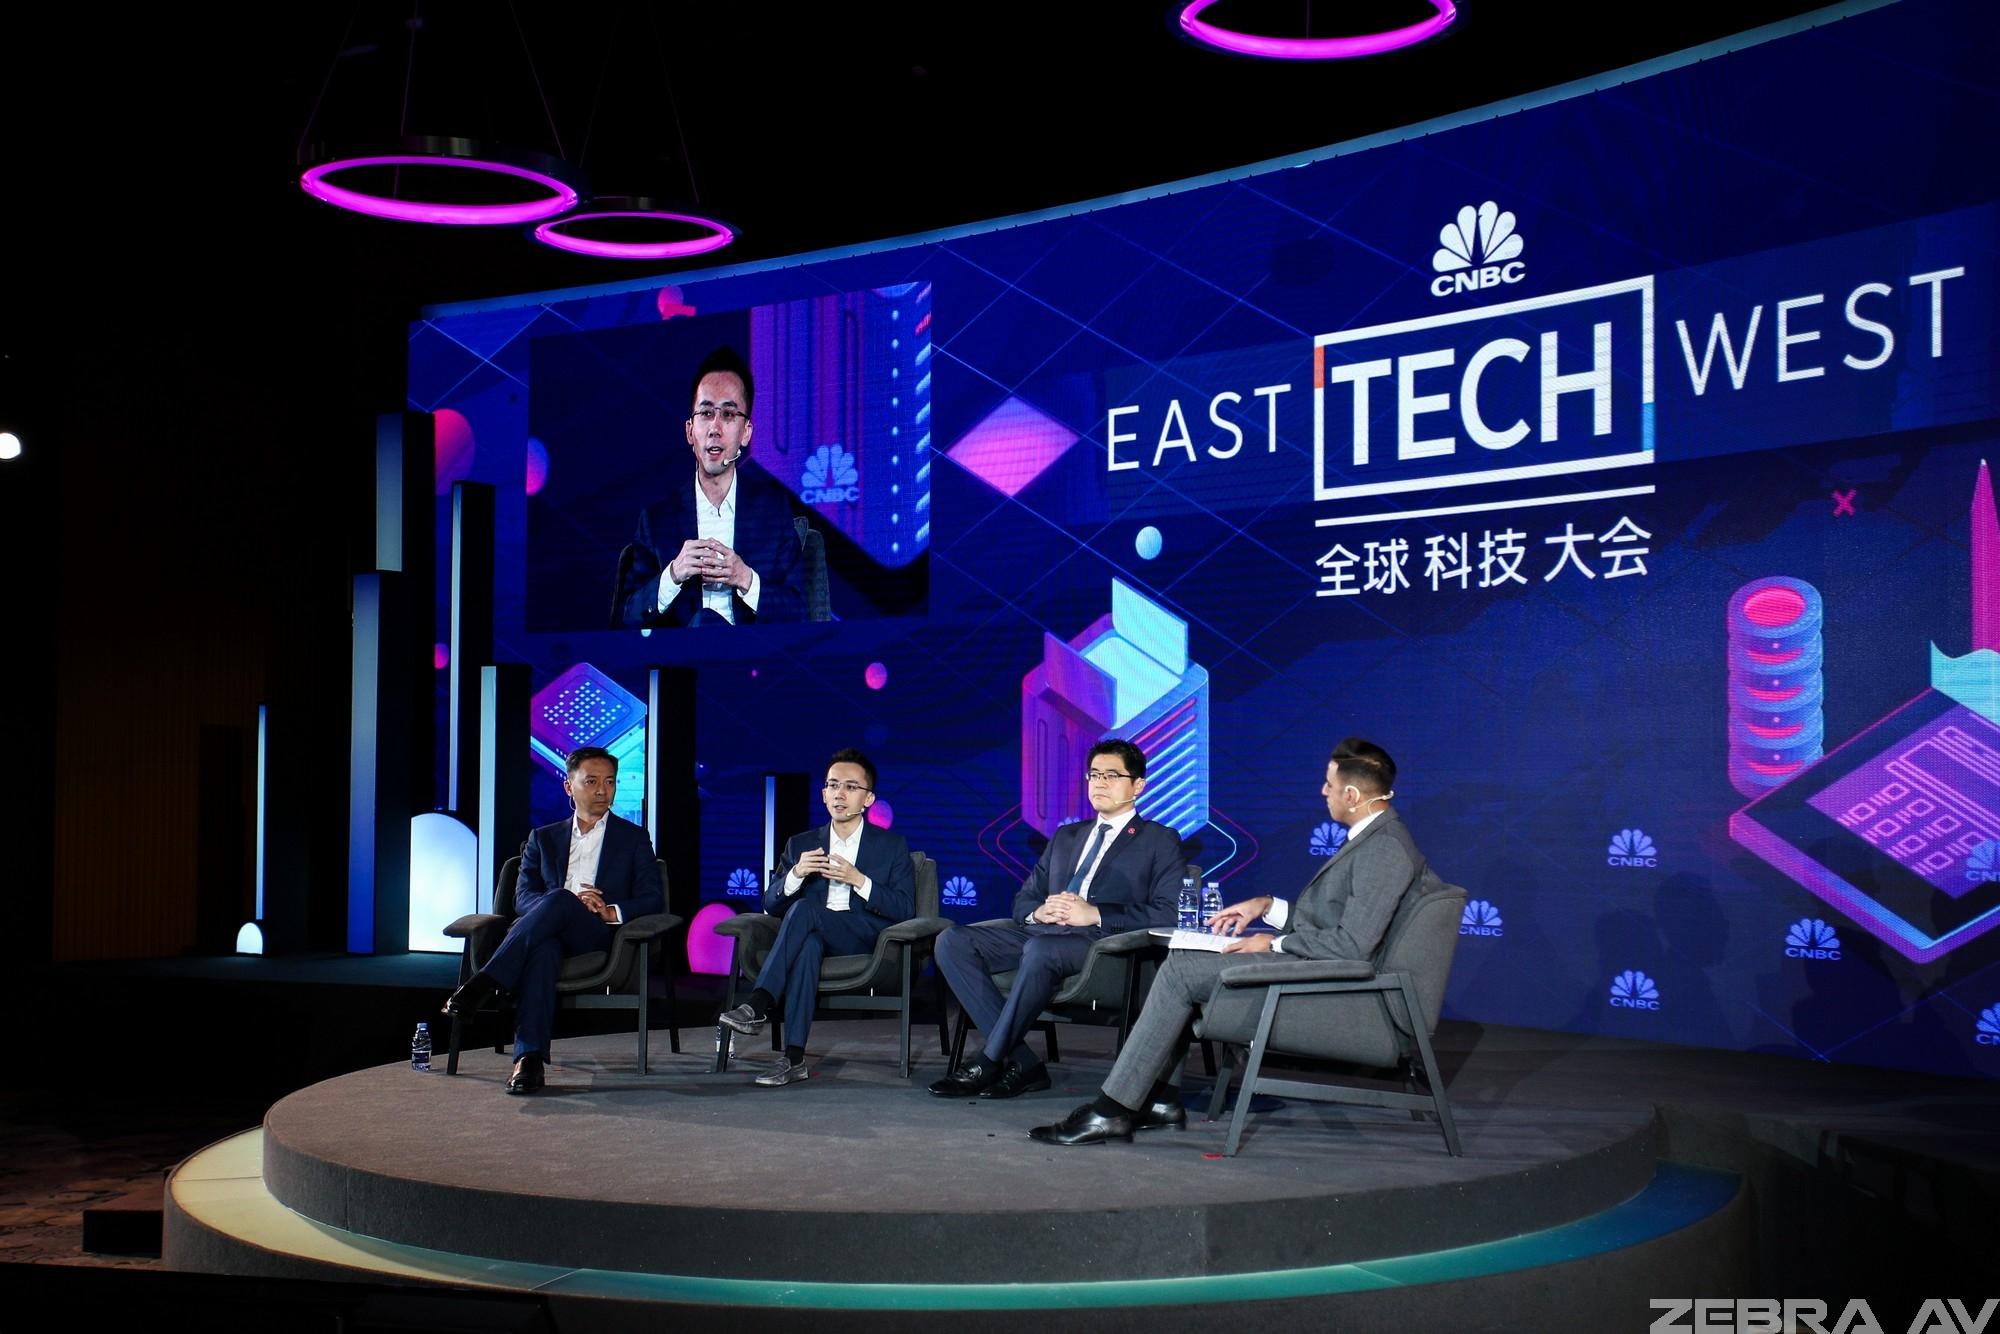 CNBC全球科技大会2020